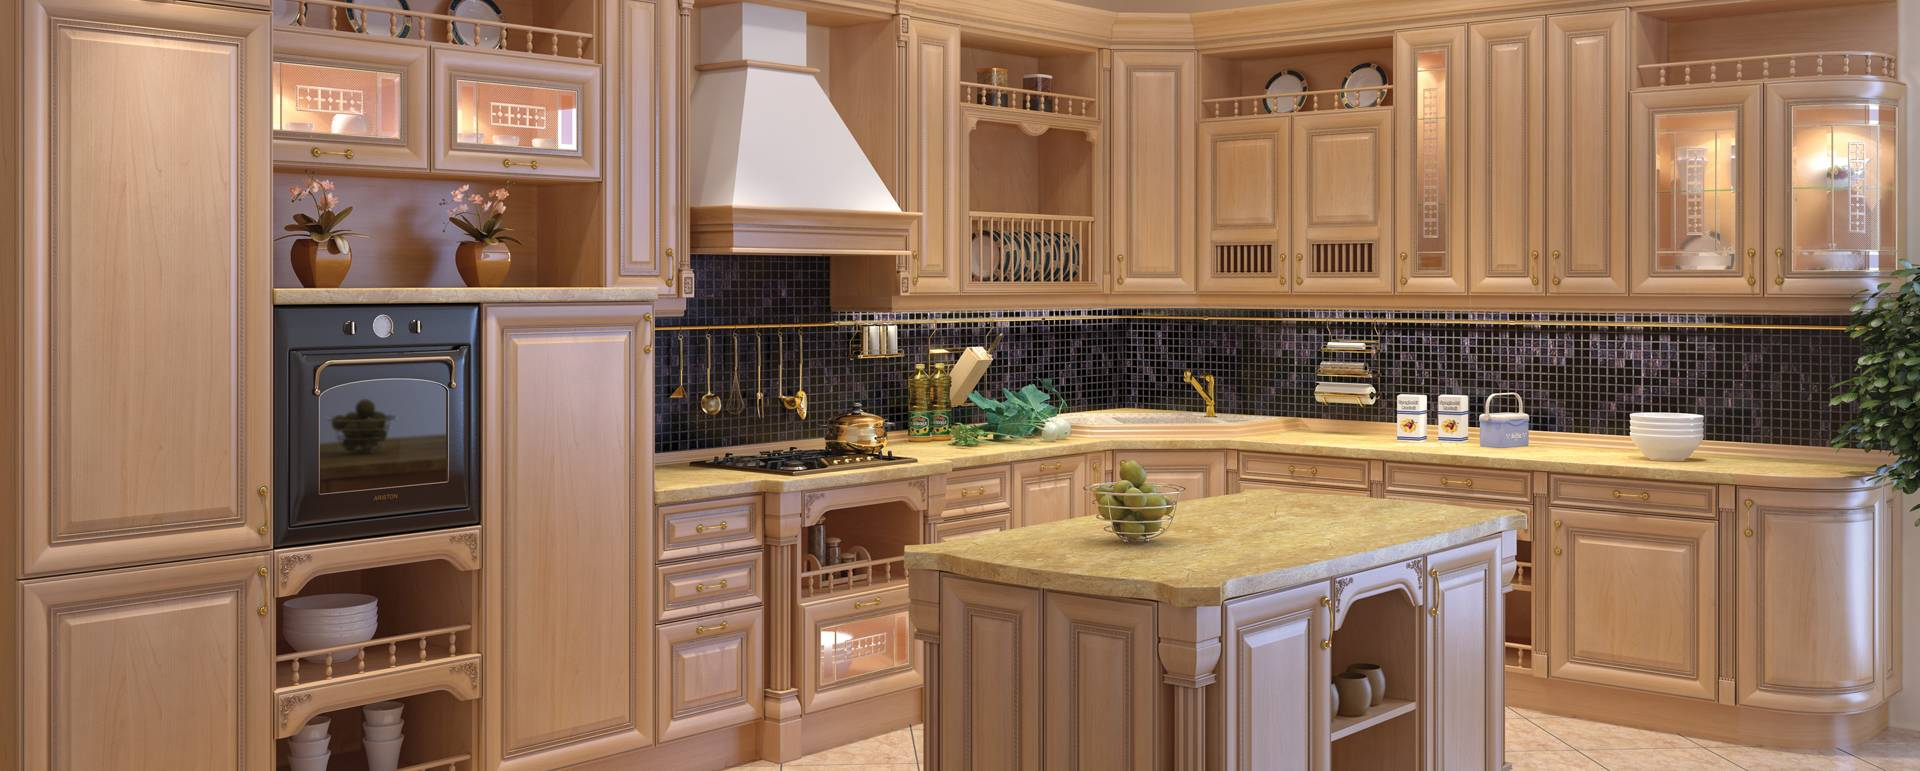 Советы при покупке кухни: пошаговая инструкция | блог.выбираем кухню